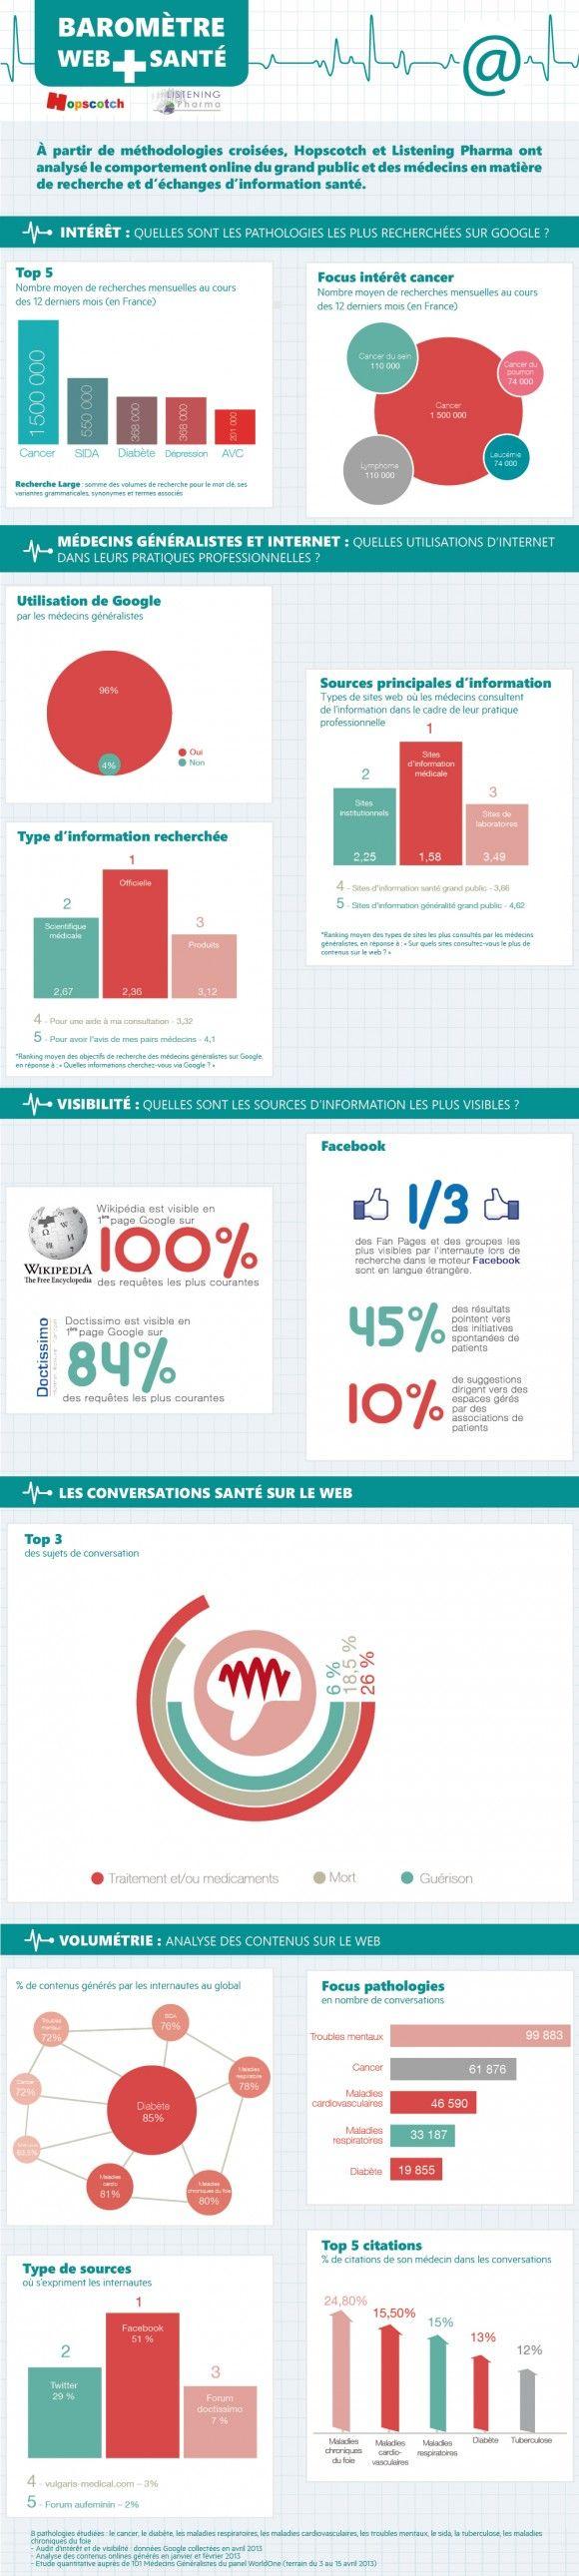 Baromètre Web et santé - Infographie